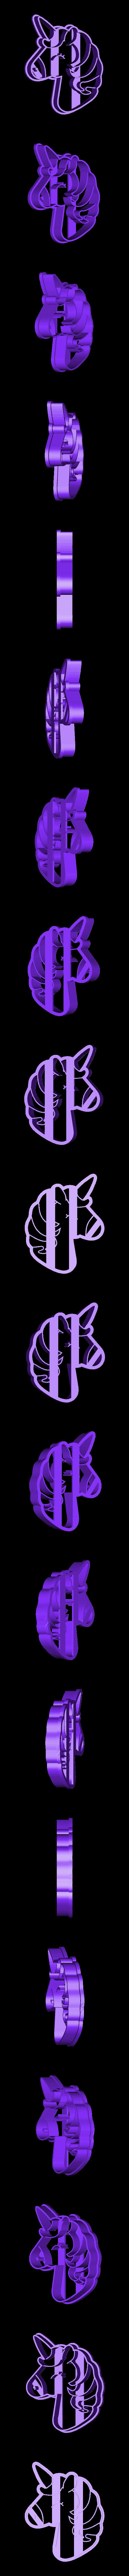 Unicornio 1.stl Download free STL file Unicorns - Unicorn • 3D printing template, covidgato